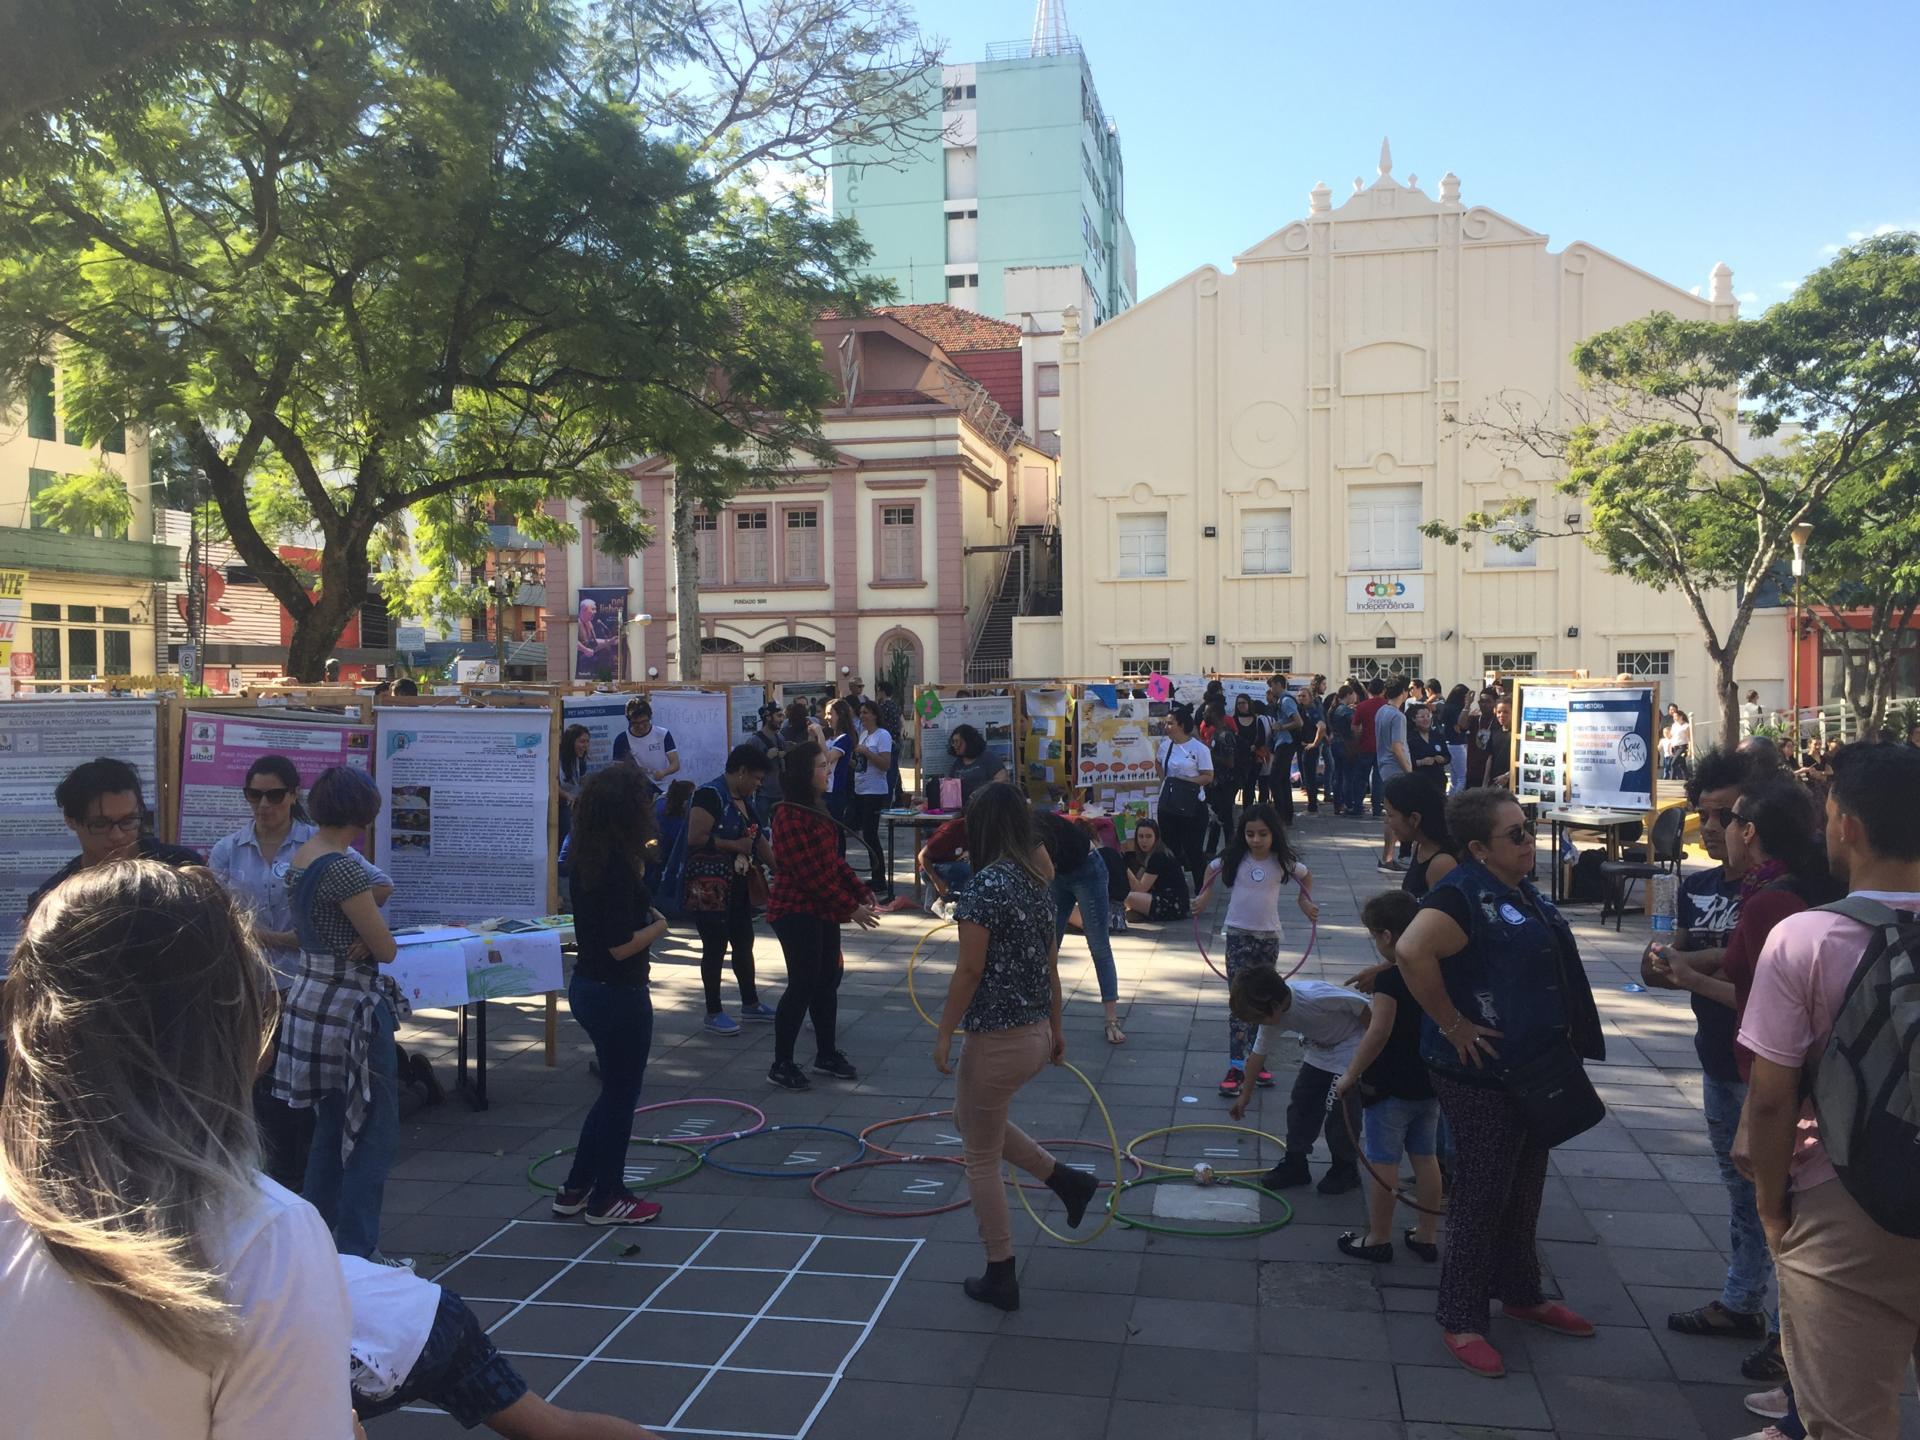 Foto colorida horizontal mostra pessoas conversando, olhando os banners e crianças brincando com bambolês dispostos no chão da praça